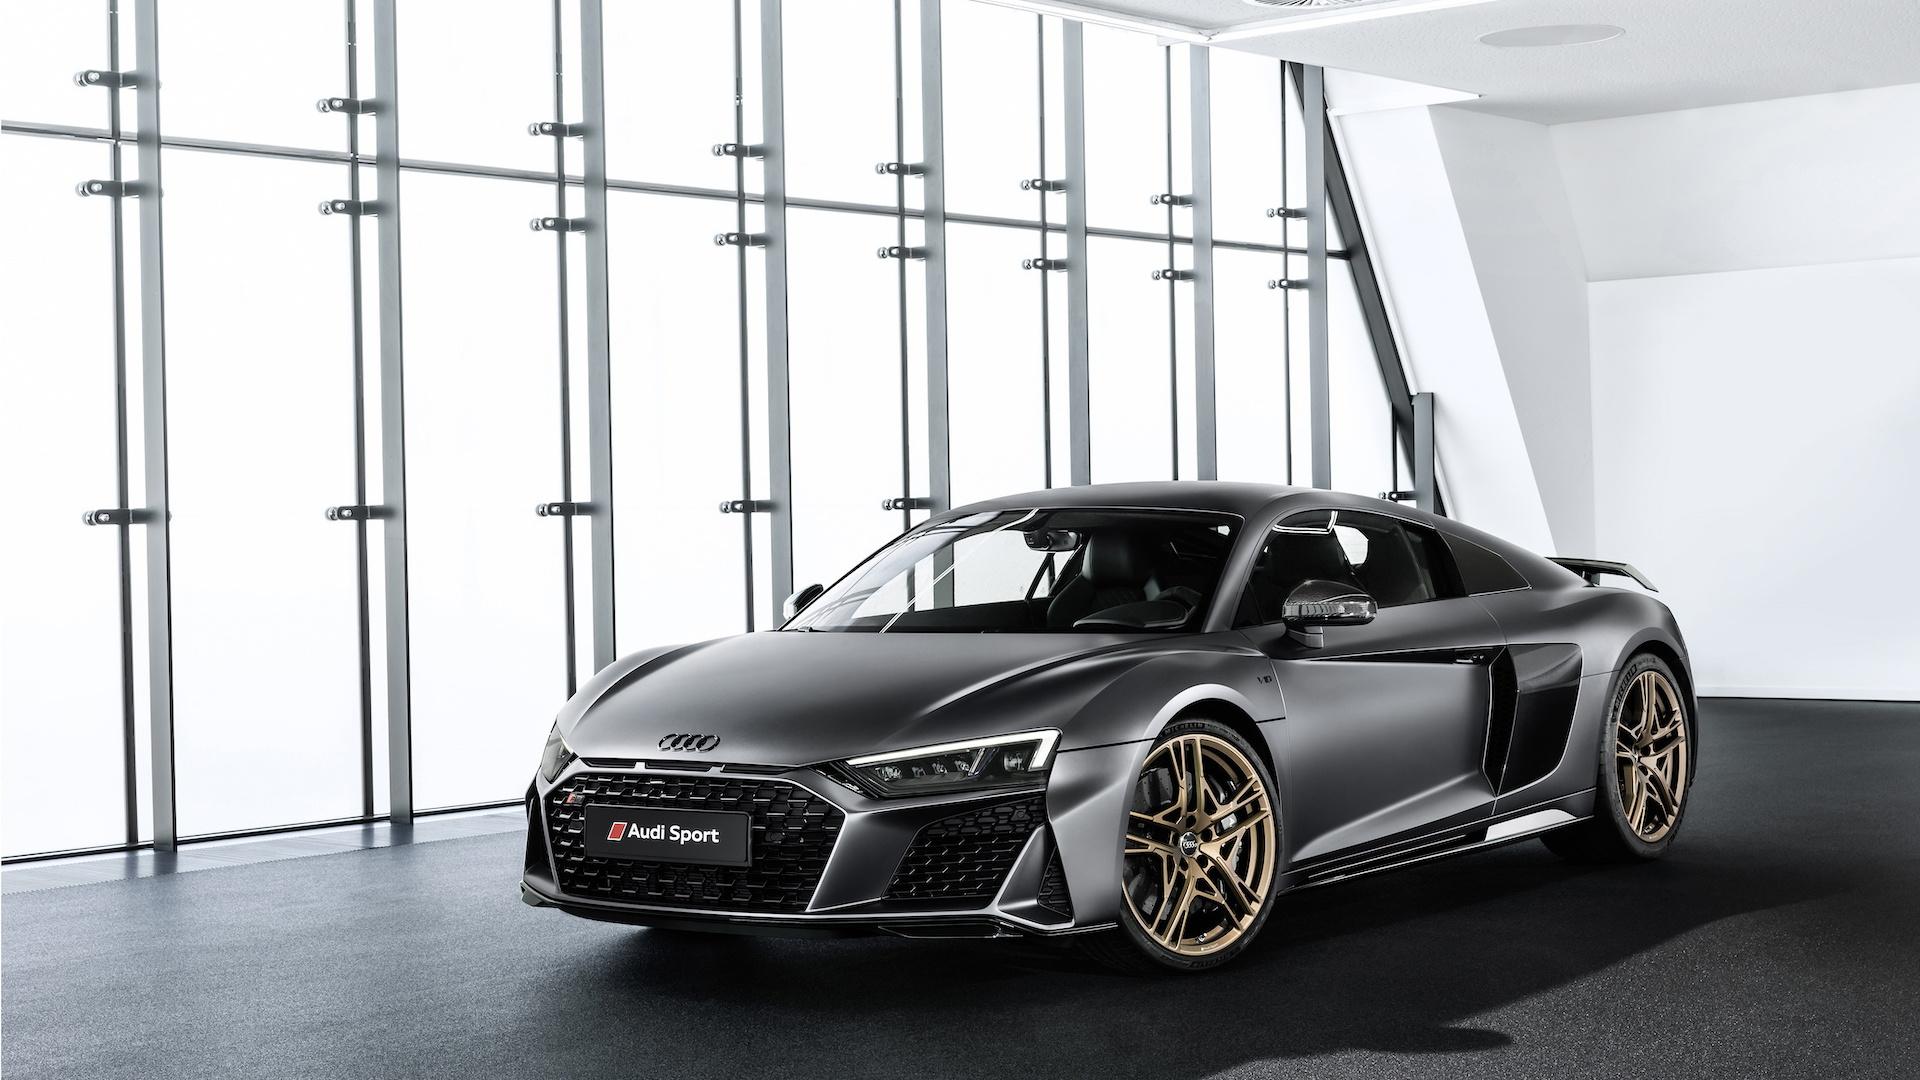 2019 Audi R8 Decennium edition